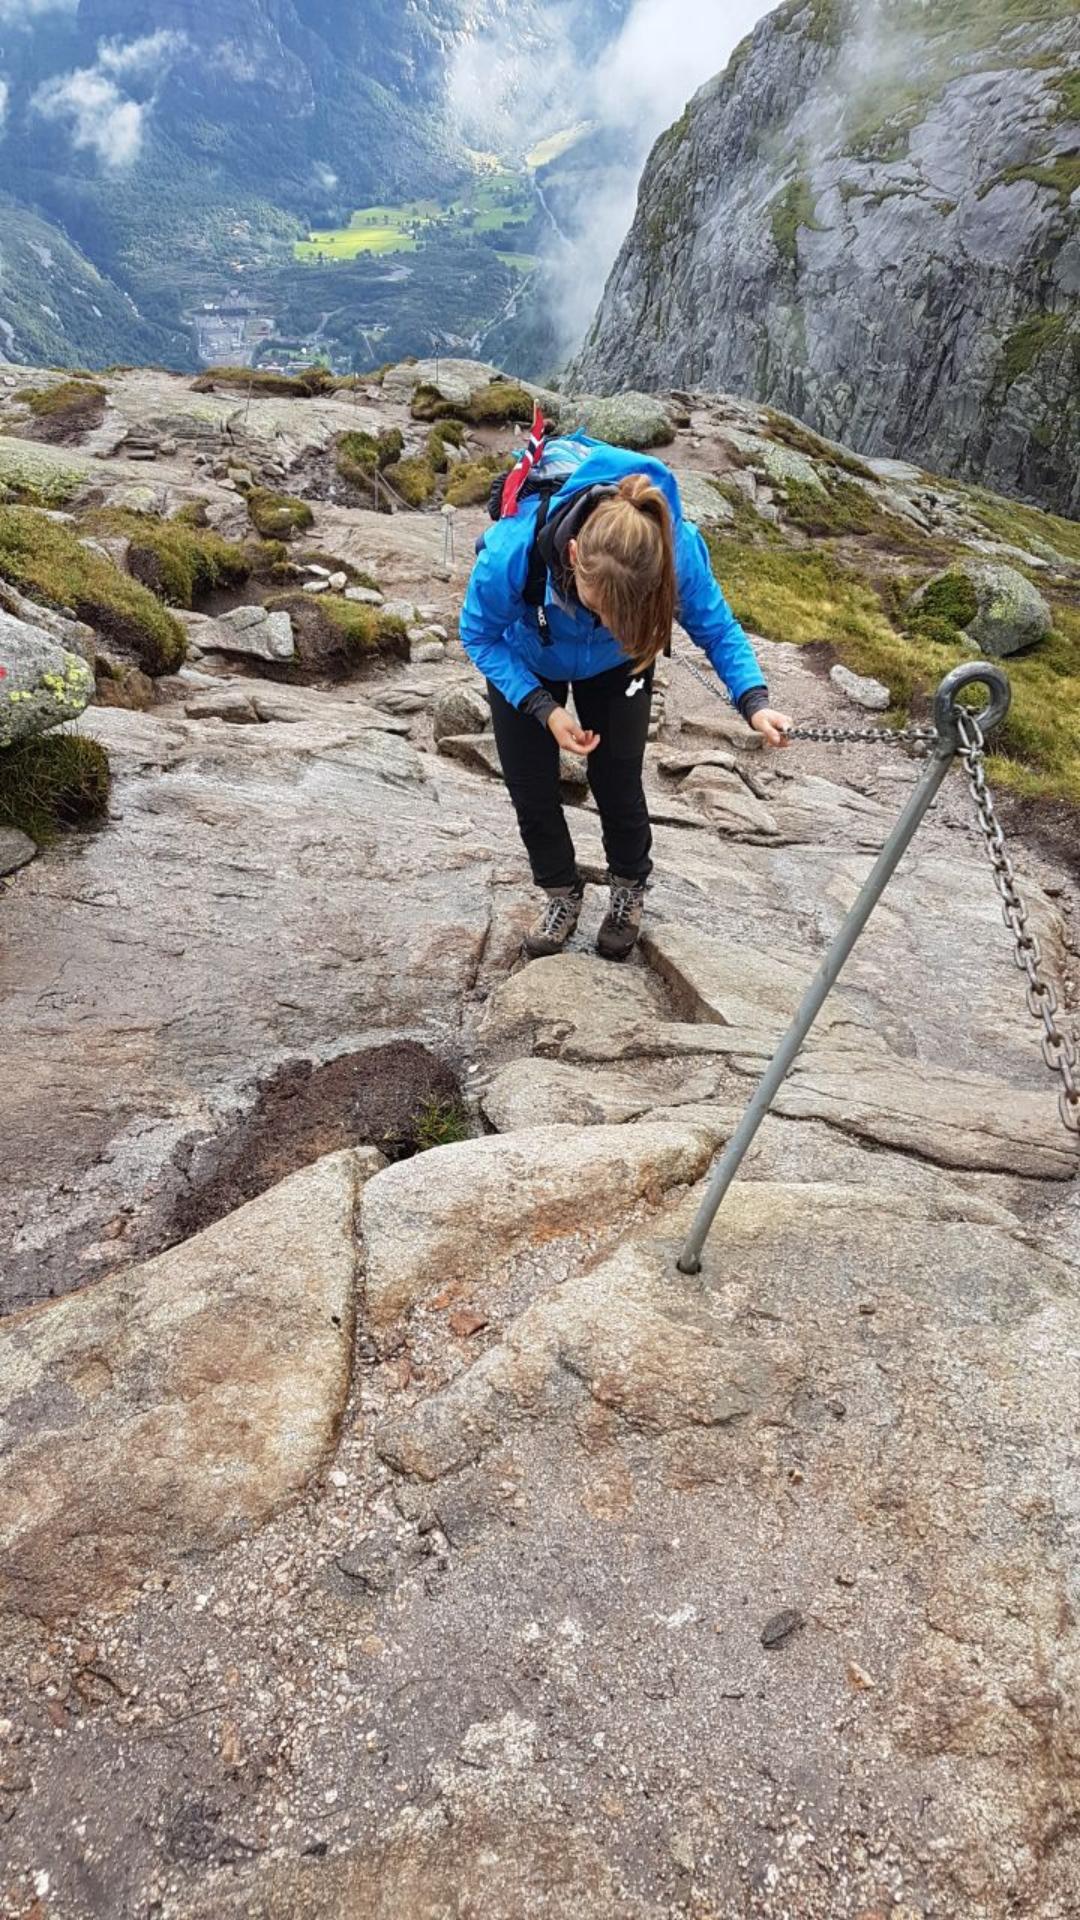 Monika klettert die Felswand am Stahlseil auf dem Weg zum Kjeragbolten hoch